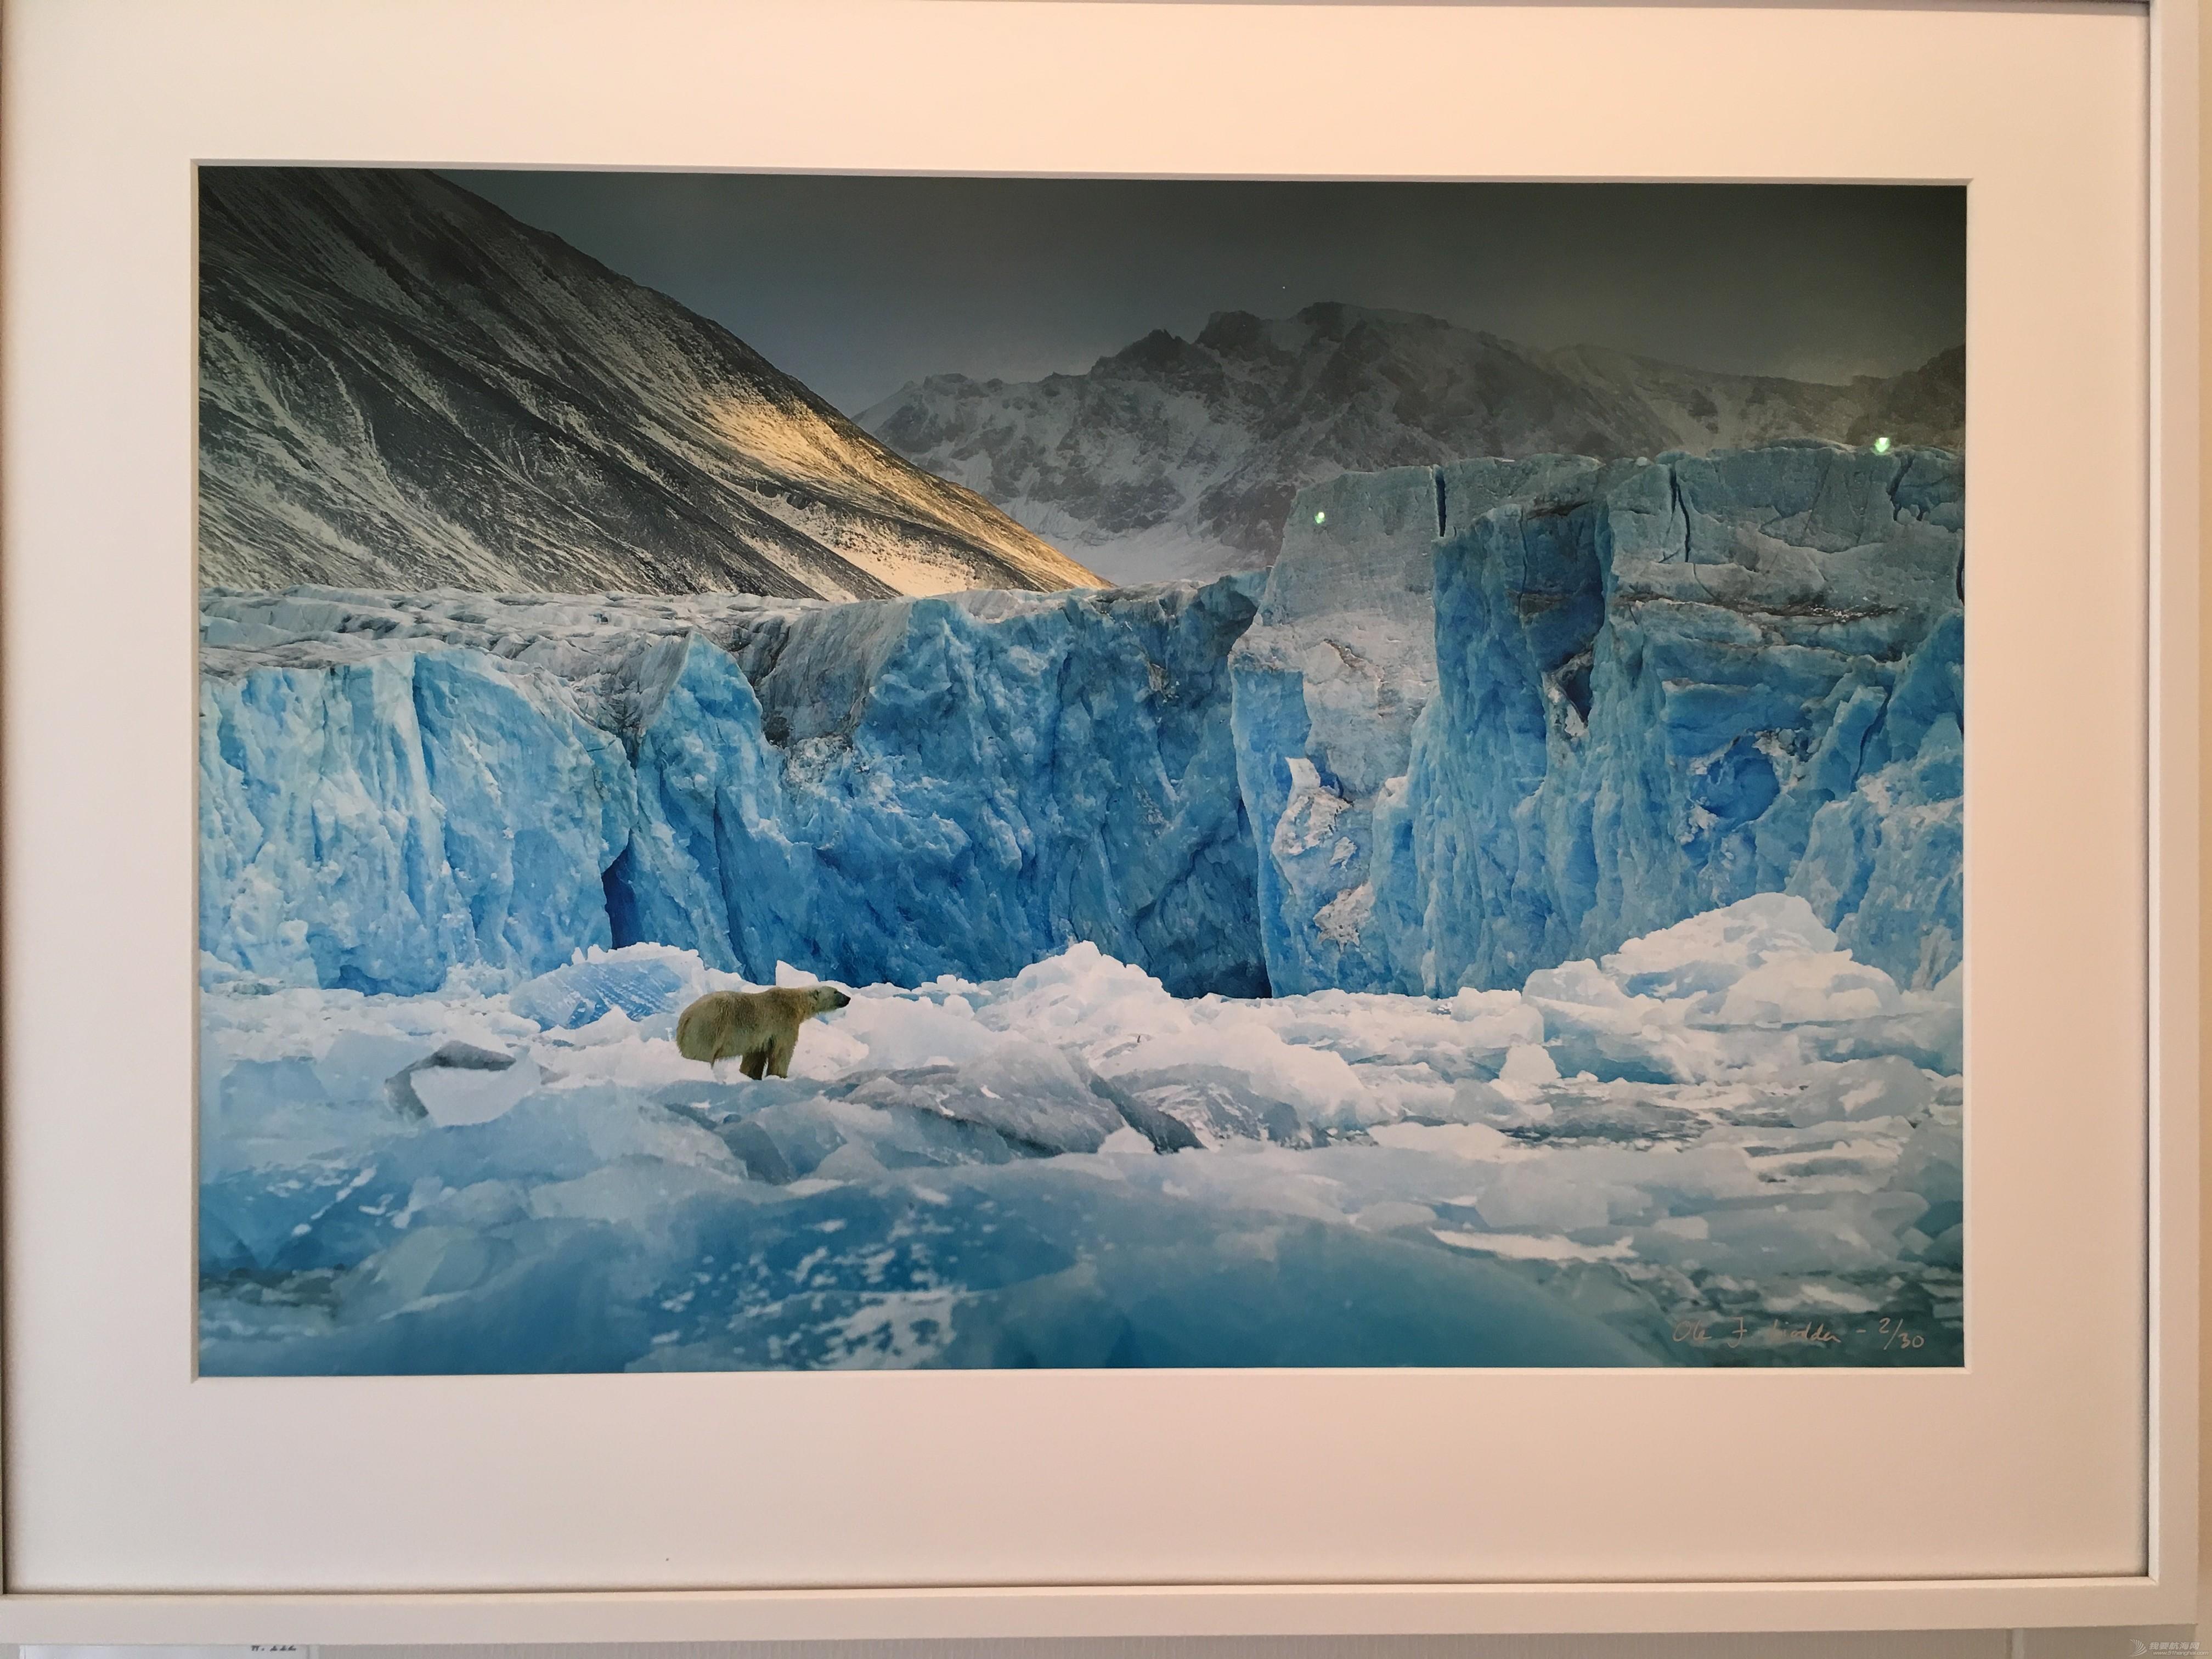 比基尼,北极圈,卫生纸,男男女女,wifi 帆洲北极-五 北极圈内的离岸航行 IMG_7818.JPG